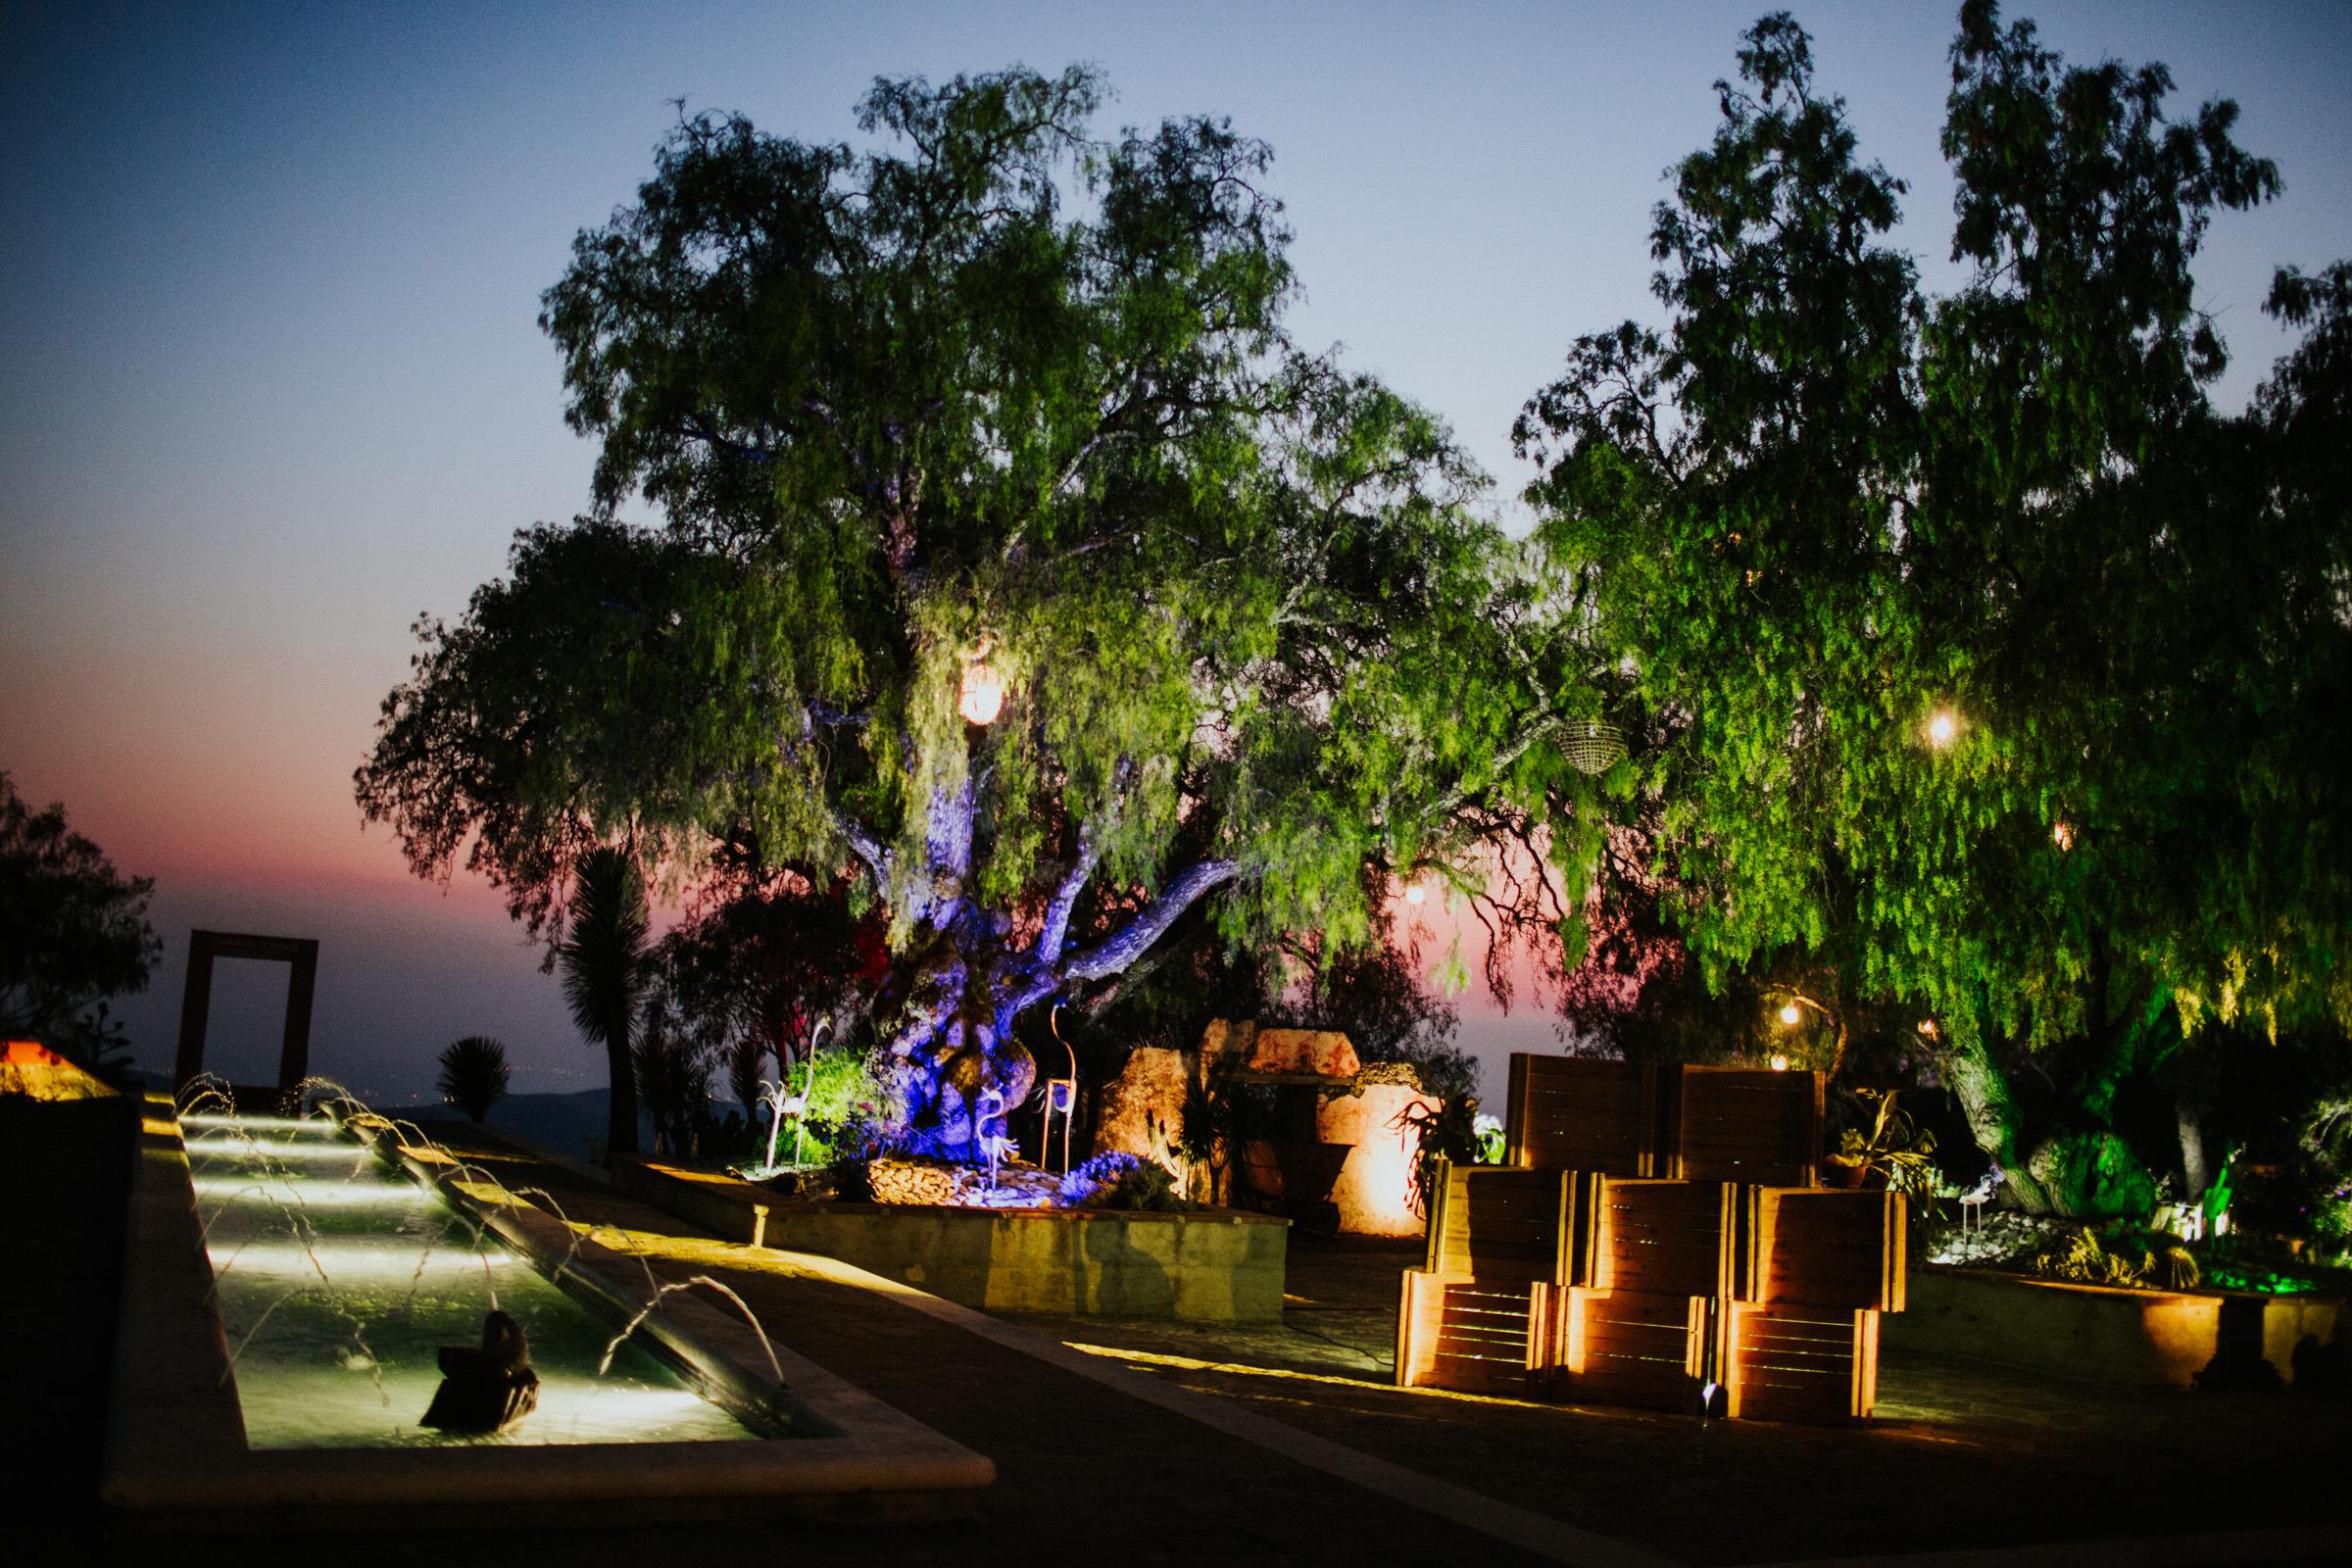 Boda-Guanajuato-Camino-de-Vinos-San-Miguel-Allende-Wedding-Fotografia-Paulina-Mauricio-Pierce0214.JPG